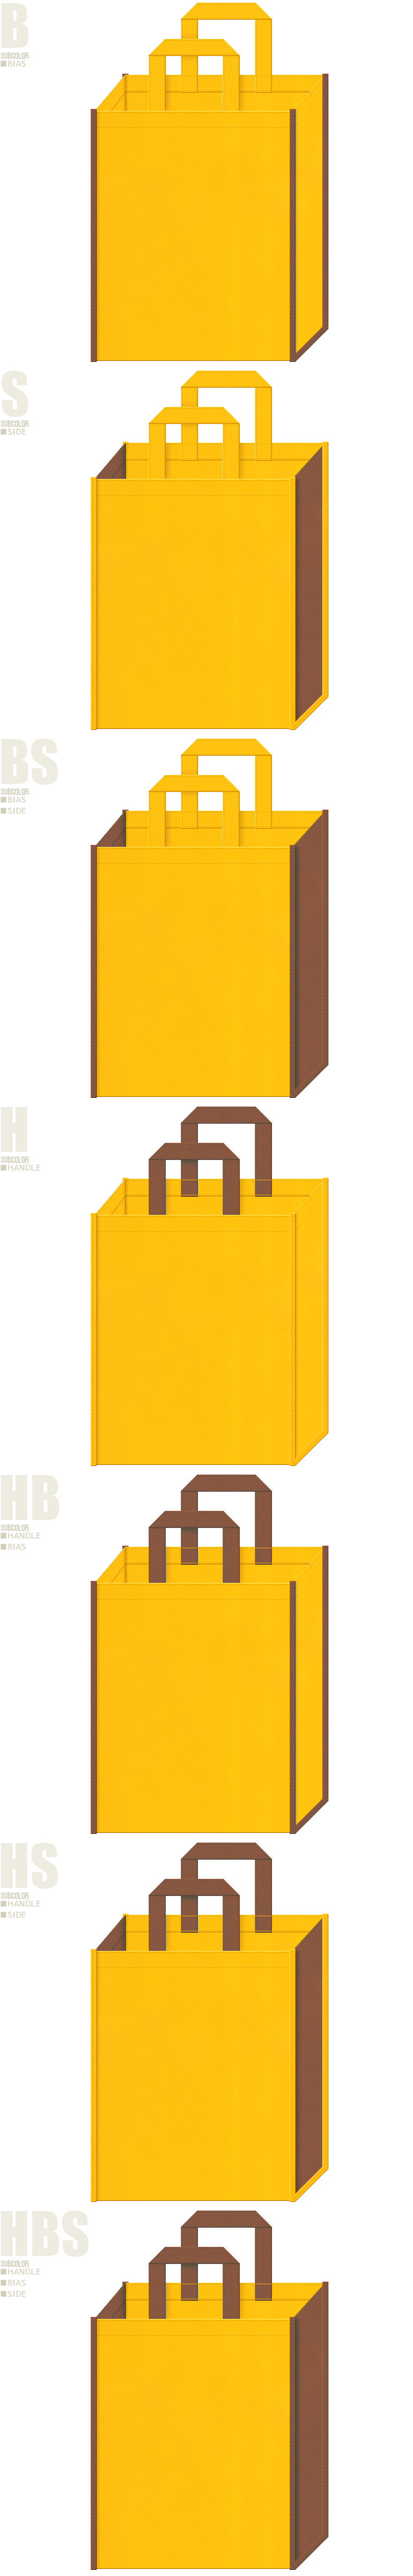 養蜂場・はちみつ・いちょうの木・サラダ油・フライヤー・バーベキュー・キャンプ用品・キッチン用品・和菓子・焼きいも・スイートポテト・ロールケーキ・カステラ・マロンケーキ・スイーツ・ベーカリーショップにお奨めの不織布バッグデザイン:黄色と茶色の配色7パターン。